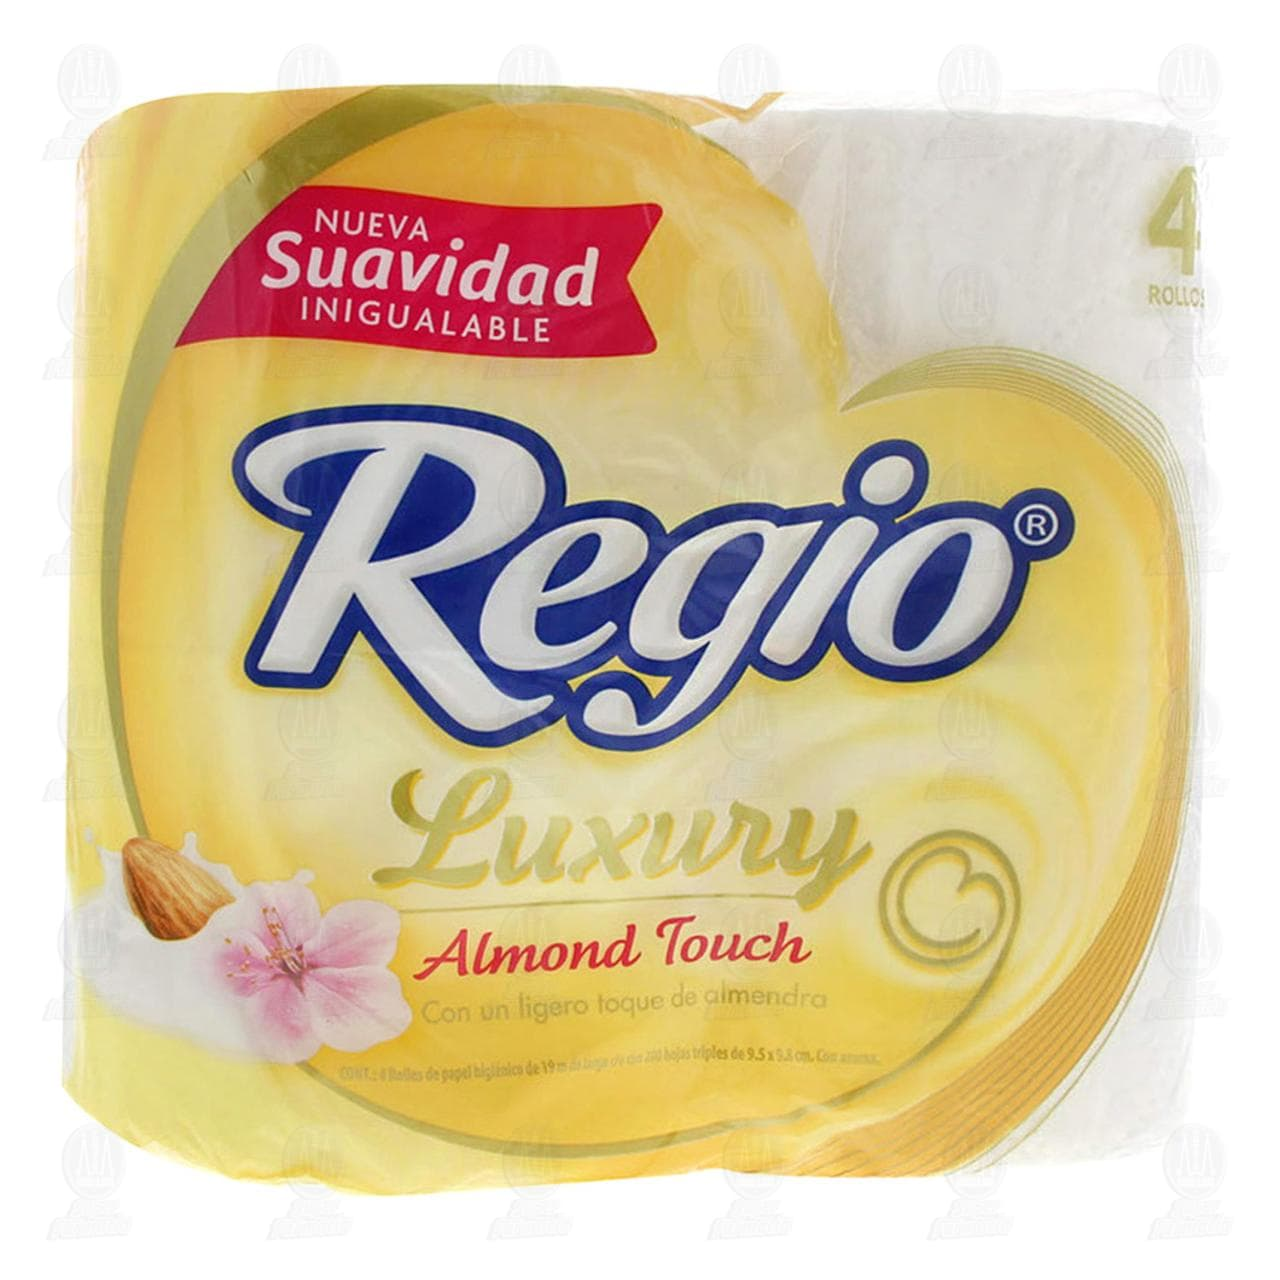 Comprar Papel Higiénico Regio Almond Touch, 4 pzas. en Farmacias Guadalajara